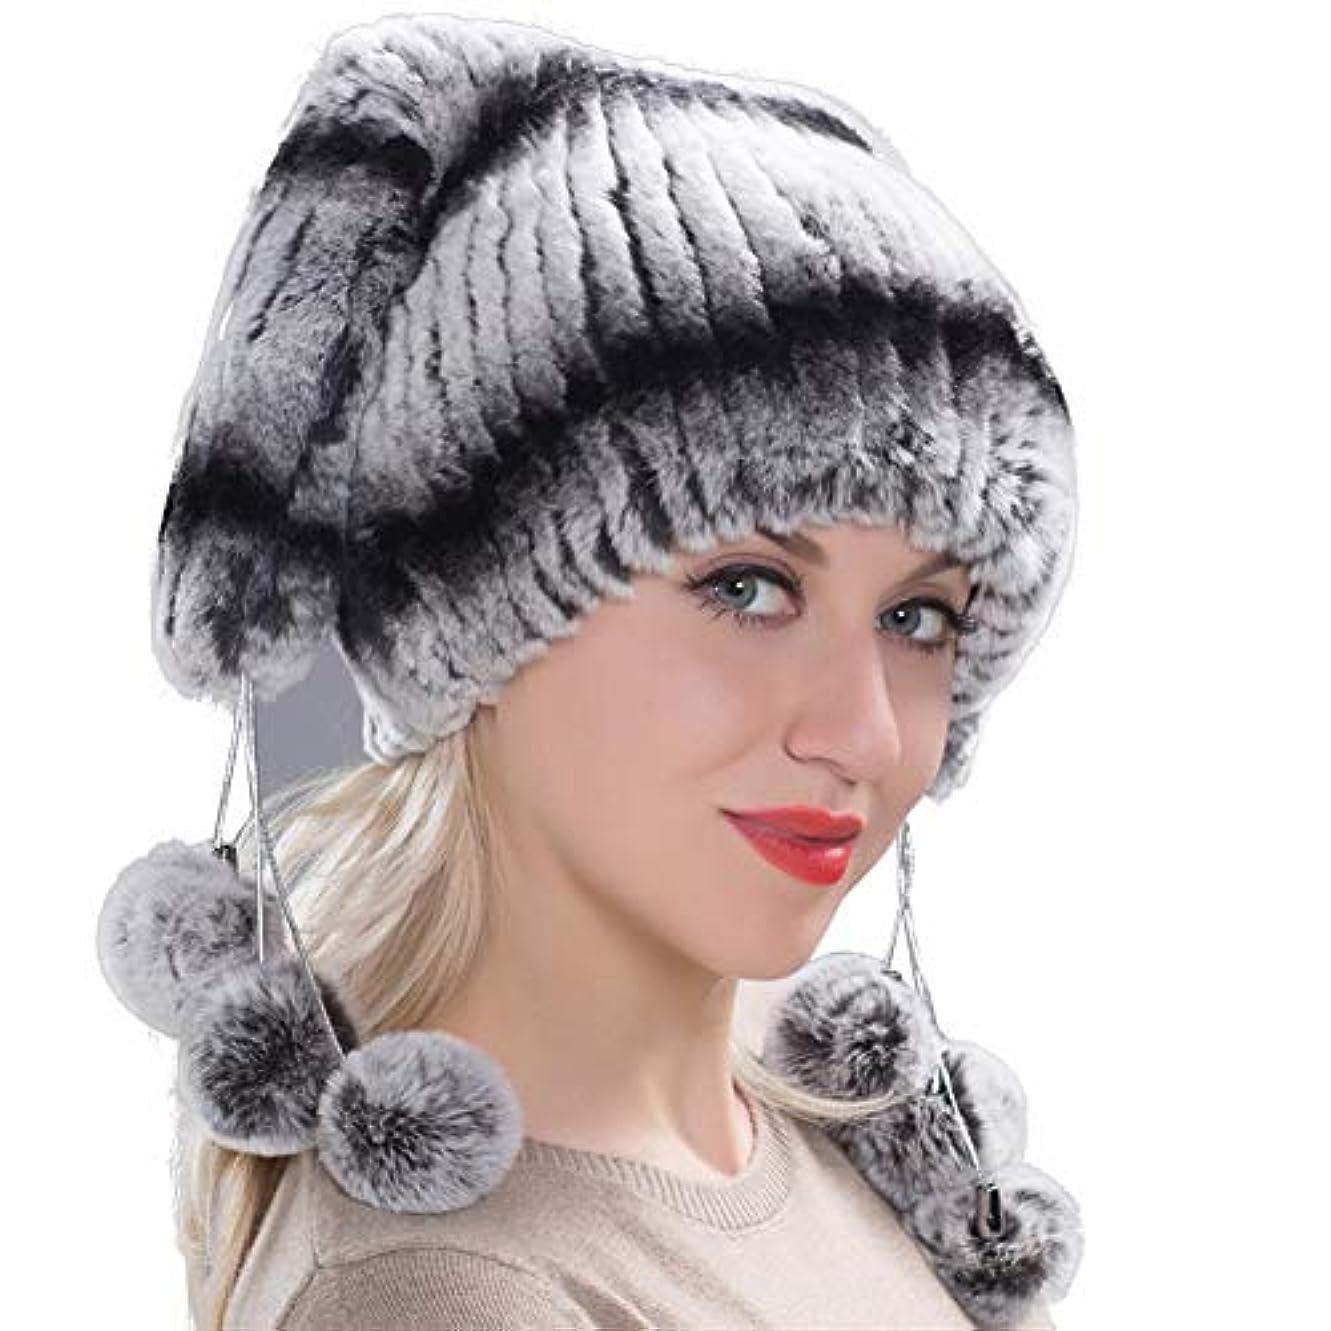 穀物黙暴動ACAO さんレックスウールの冬厚く暖かい帽子ニット毛皮さんレックスウールニット帽耳包頭 (色 : Cyan blue, Size : L)